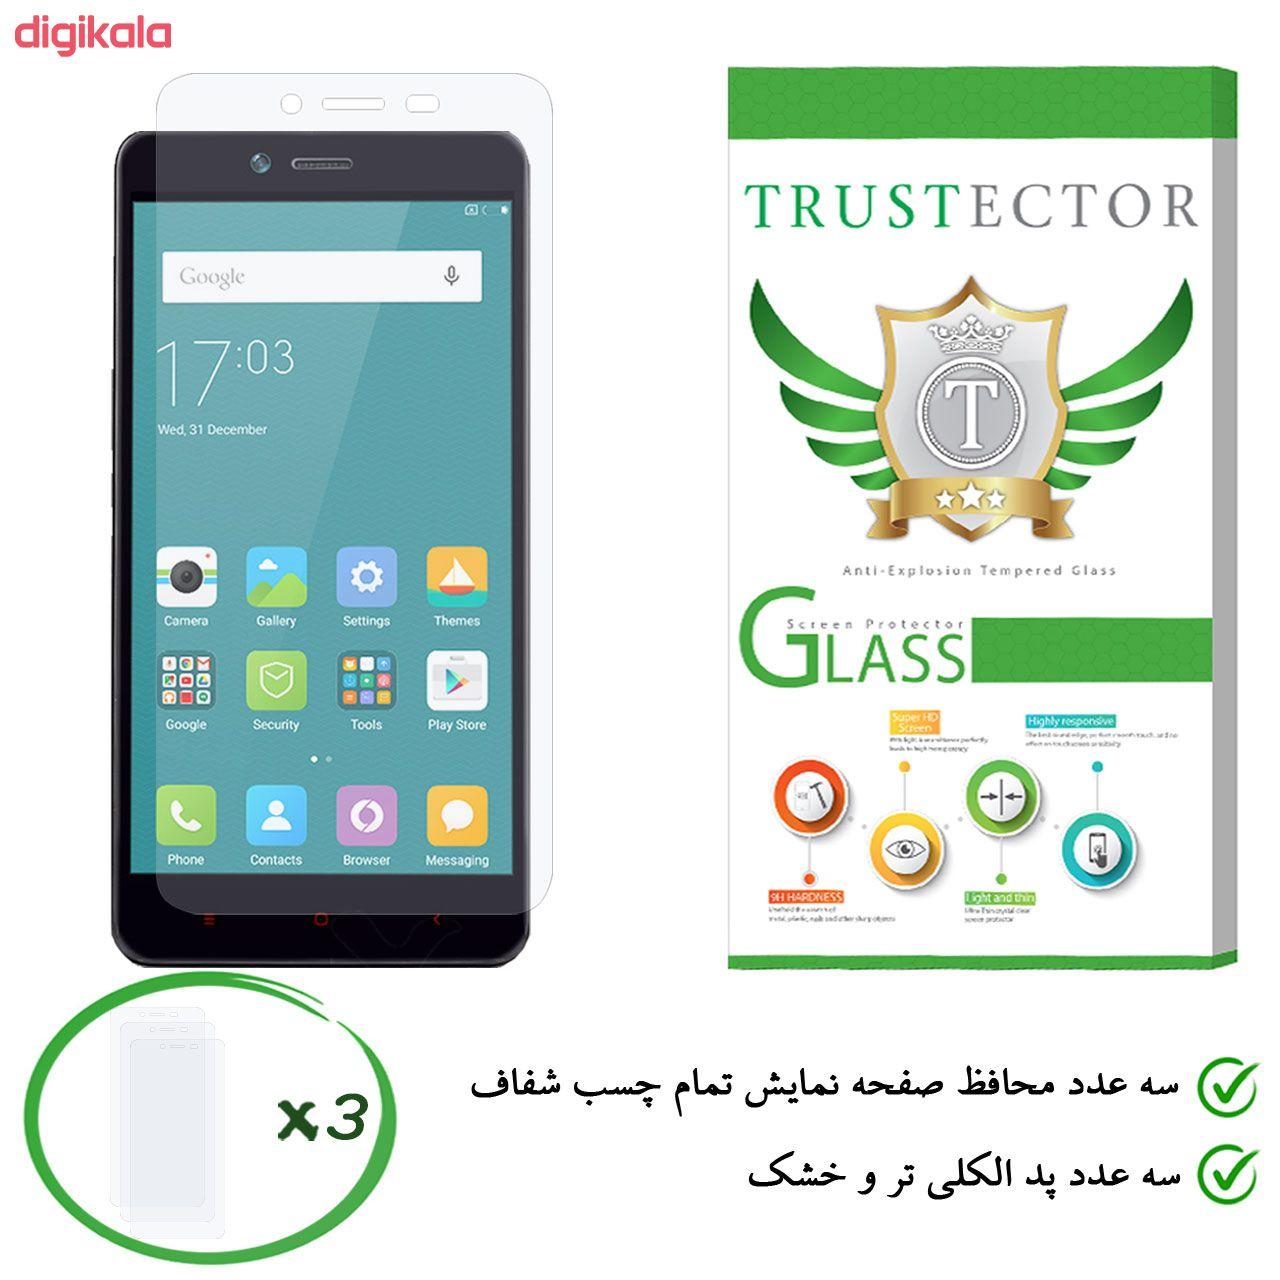 محافظ صفحه نمایش تراستکتور مدل GLS مناسب برای گوشی موبایل شیائومی Redmi Note 2 / Redmi Note 2 Prime بسته 3 عددی main 1 1